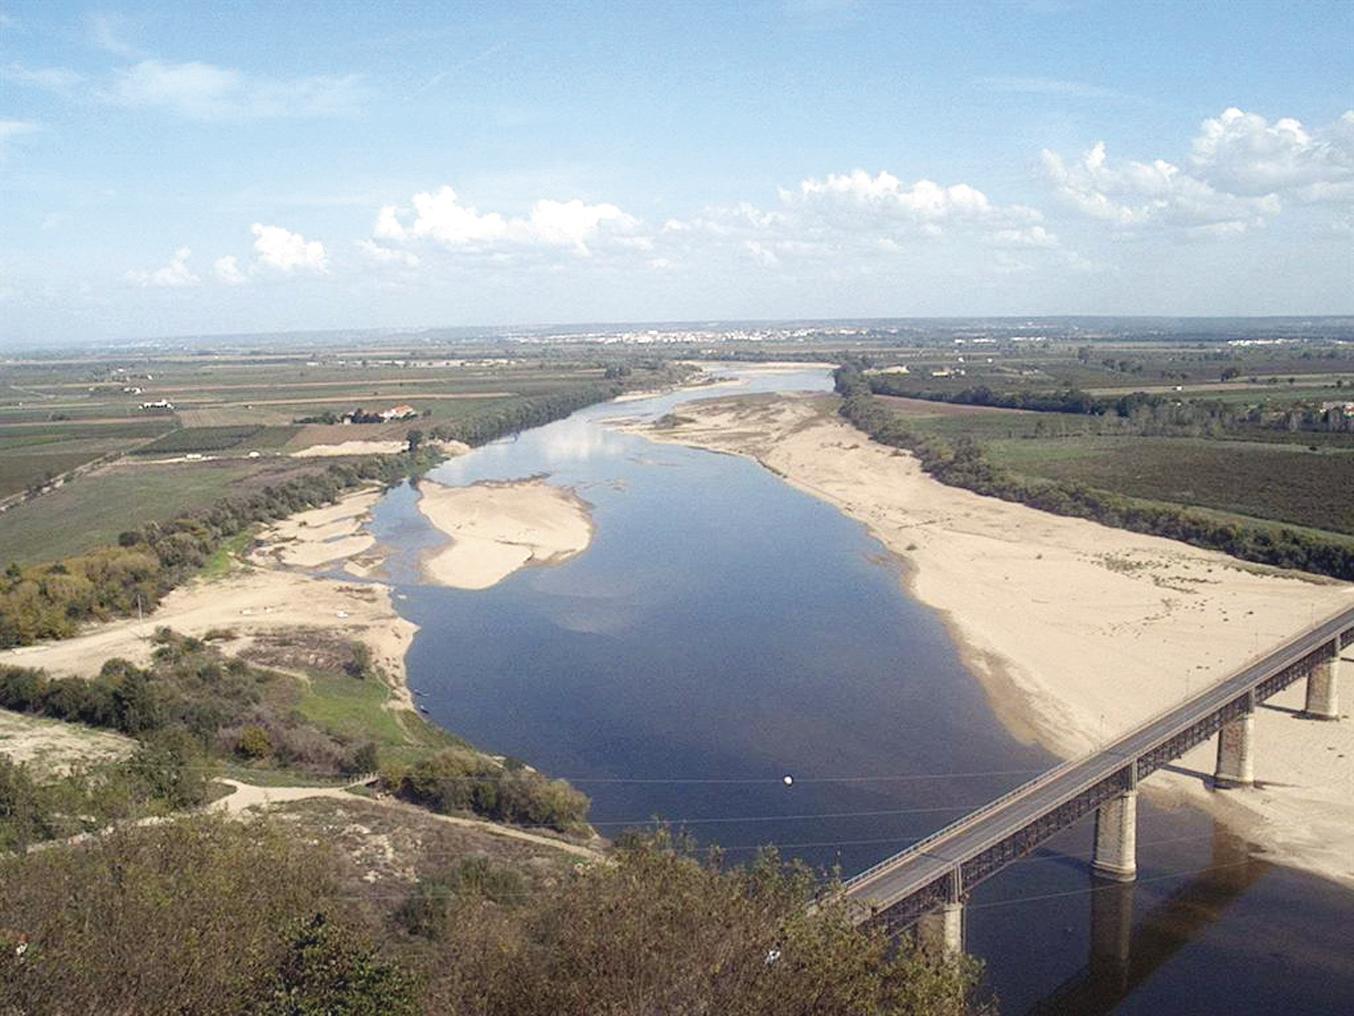 Movimento pelo Tejo diz que Portugal não cumpriu com caudais à chegada à foz do Tejo